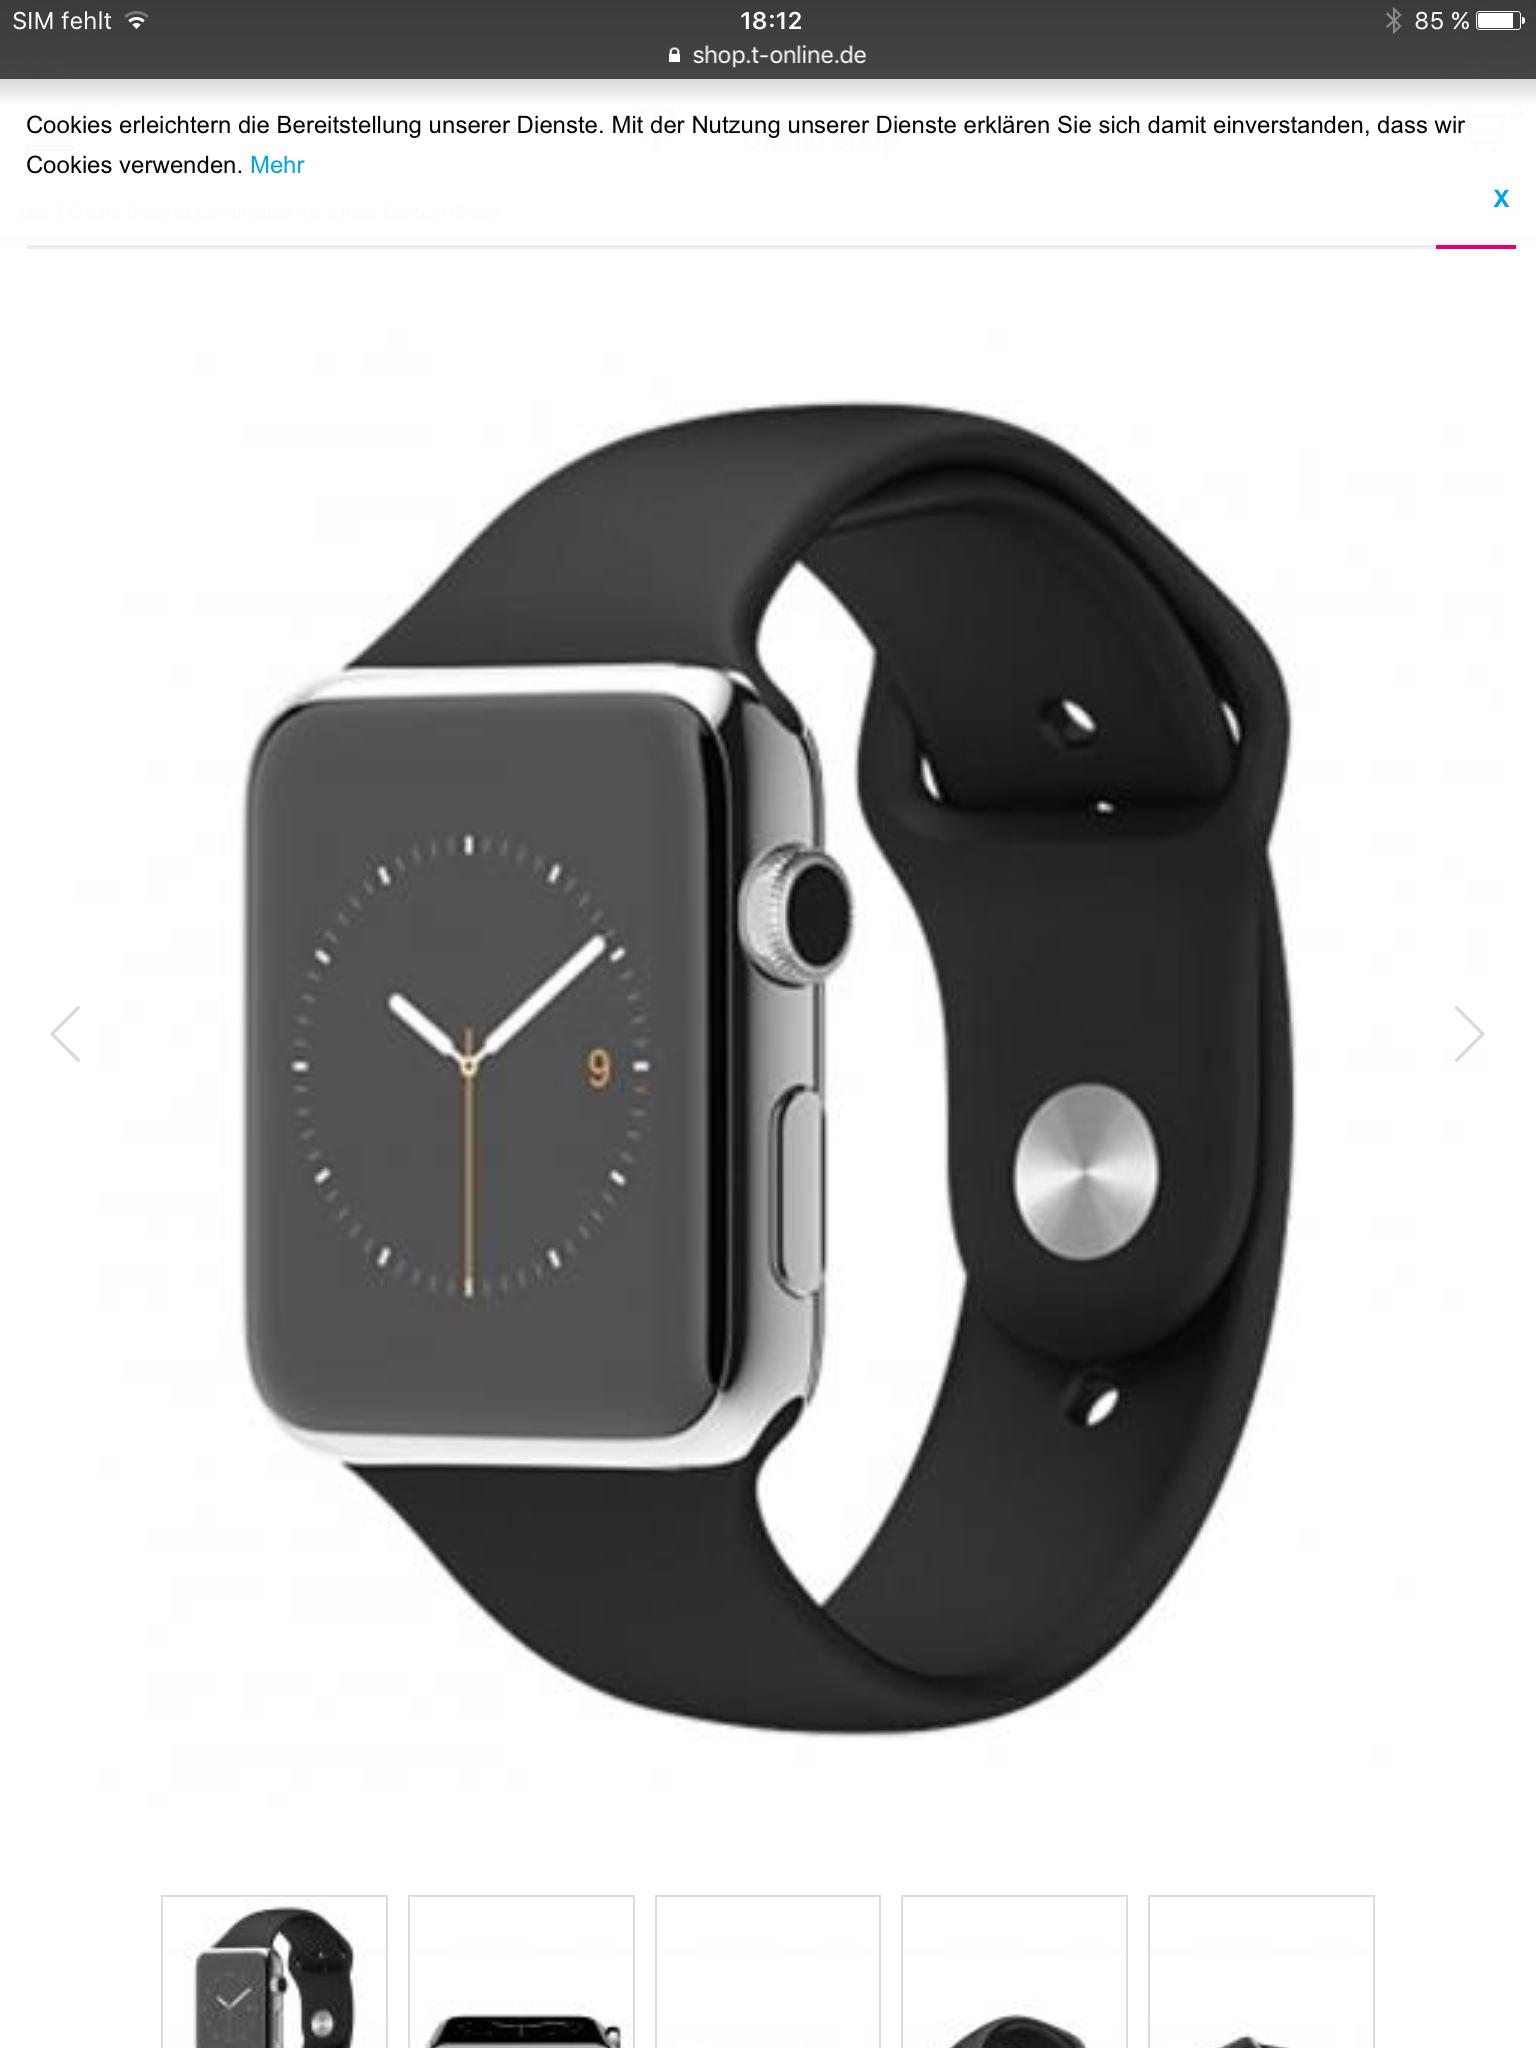 Apple Watch Edelstahl - refurbished von apple - 42 mm